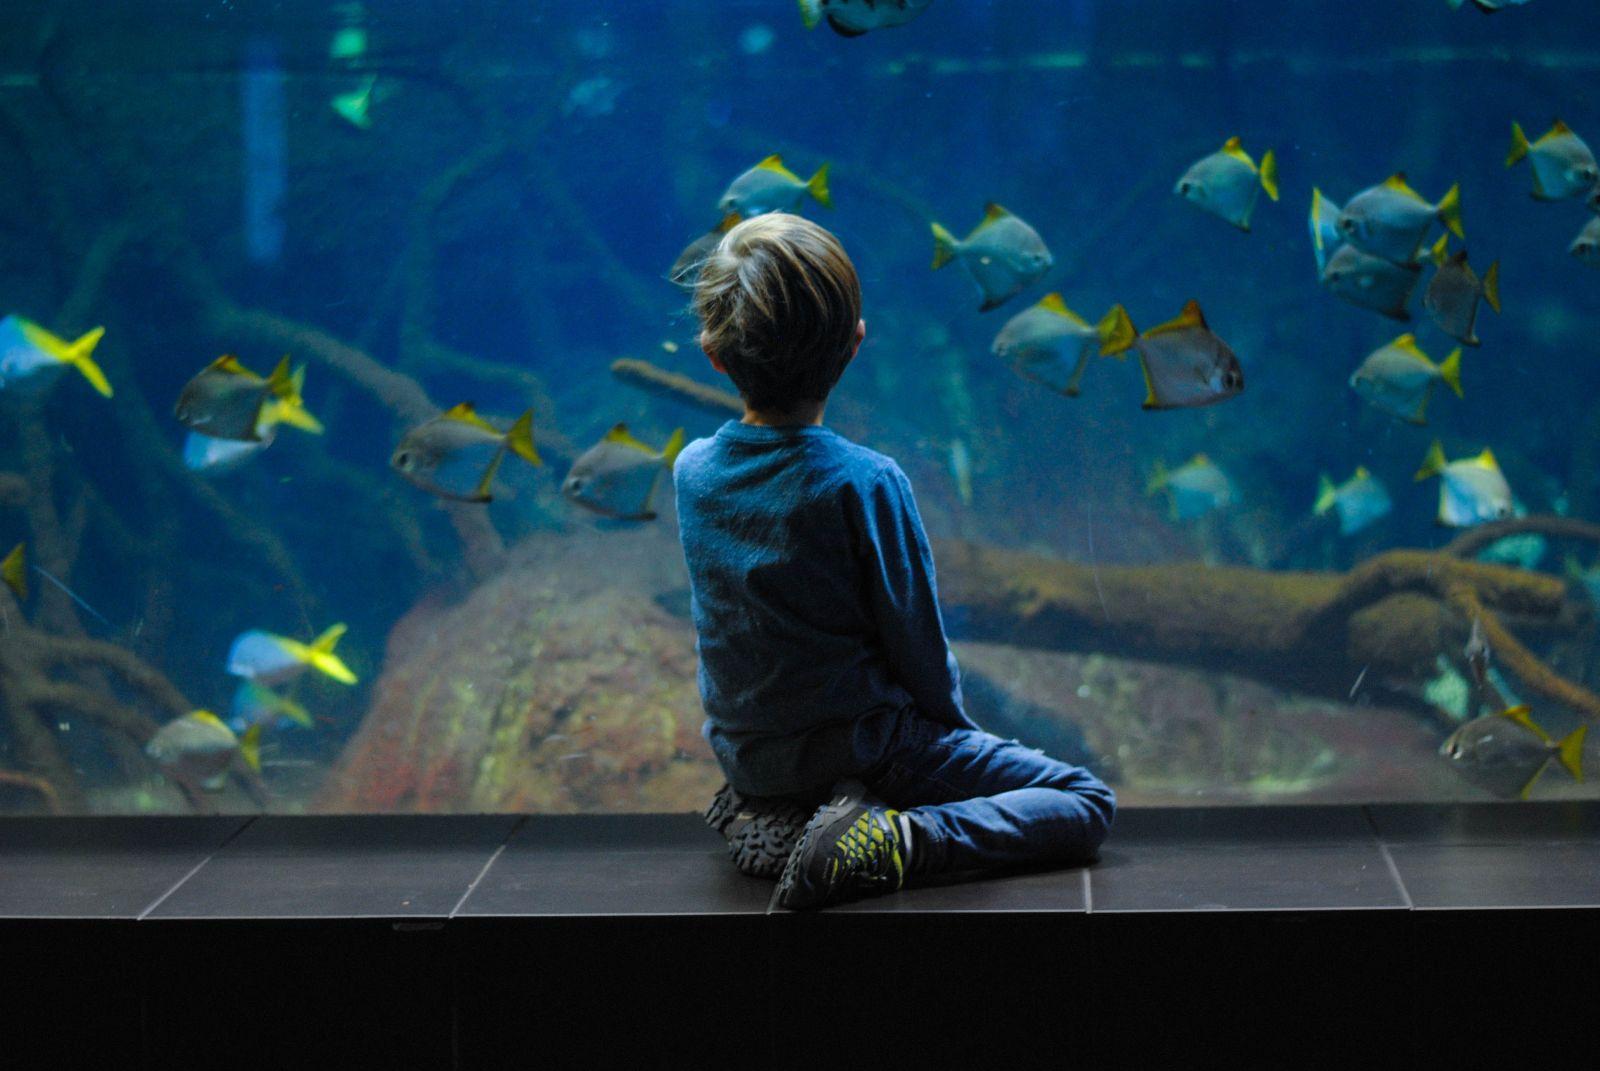 Little boy admiring the fish in the aquarium